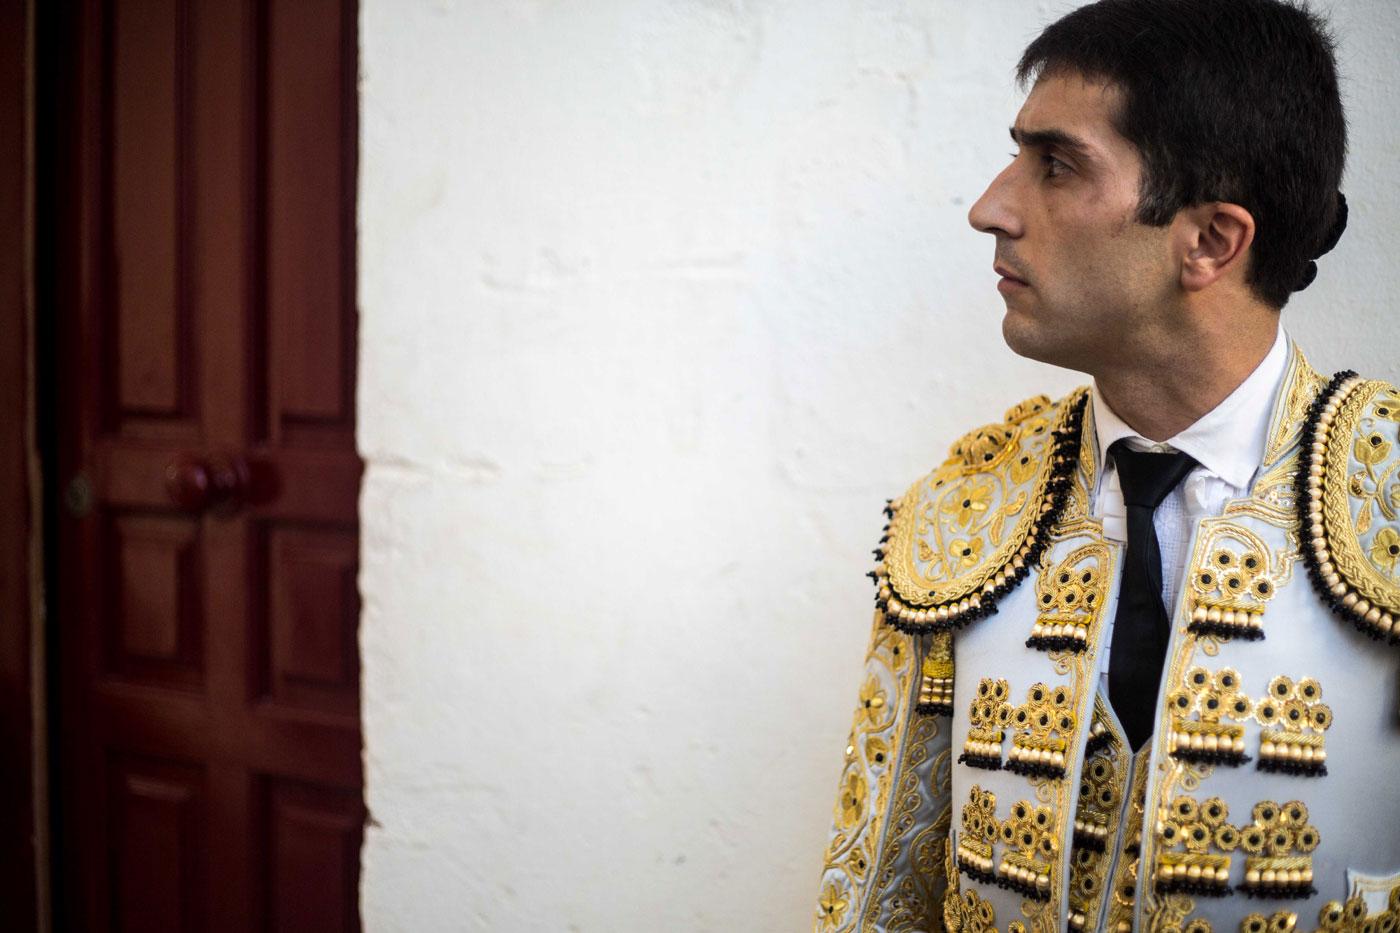 Aunque de gravedad, la cornada de Javier Castaño no toca órganos importantes